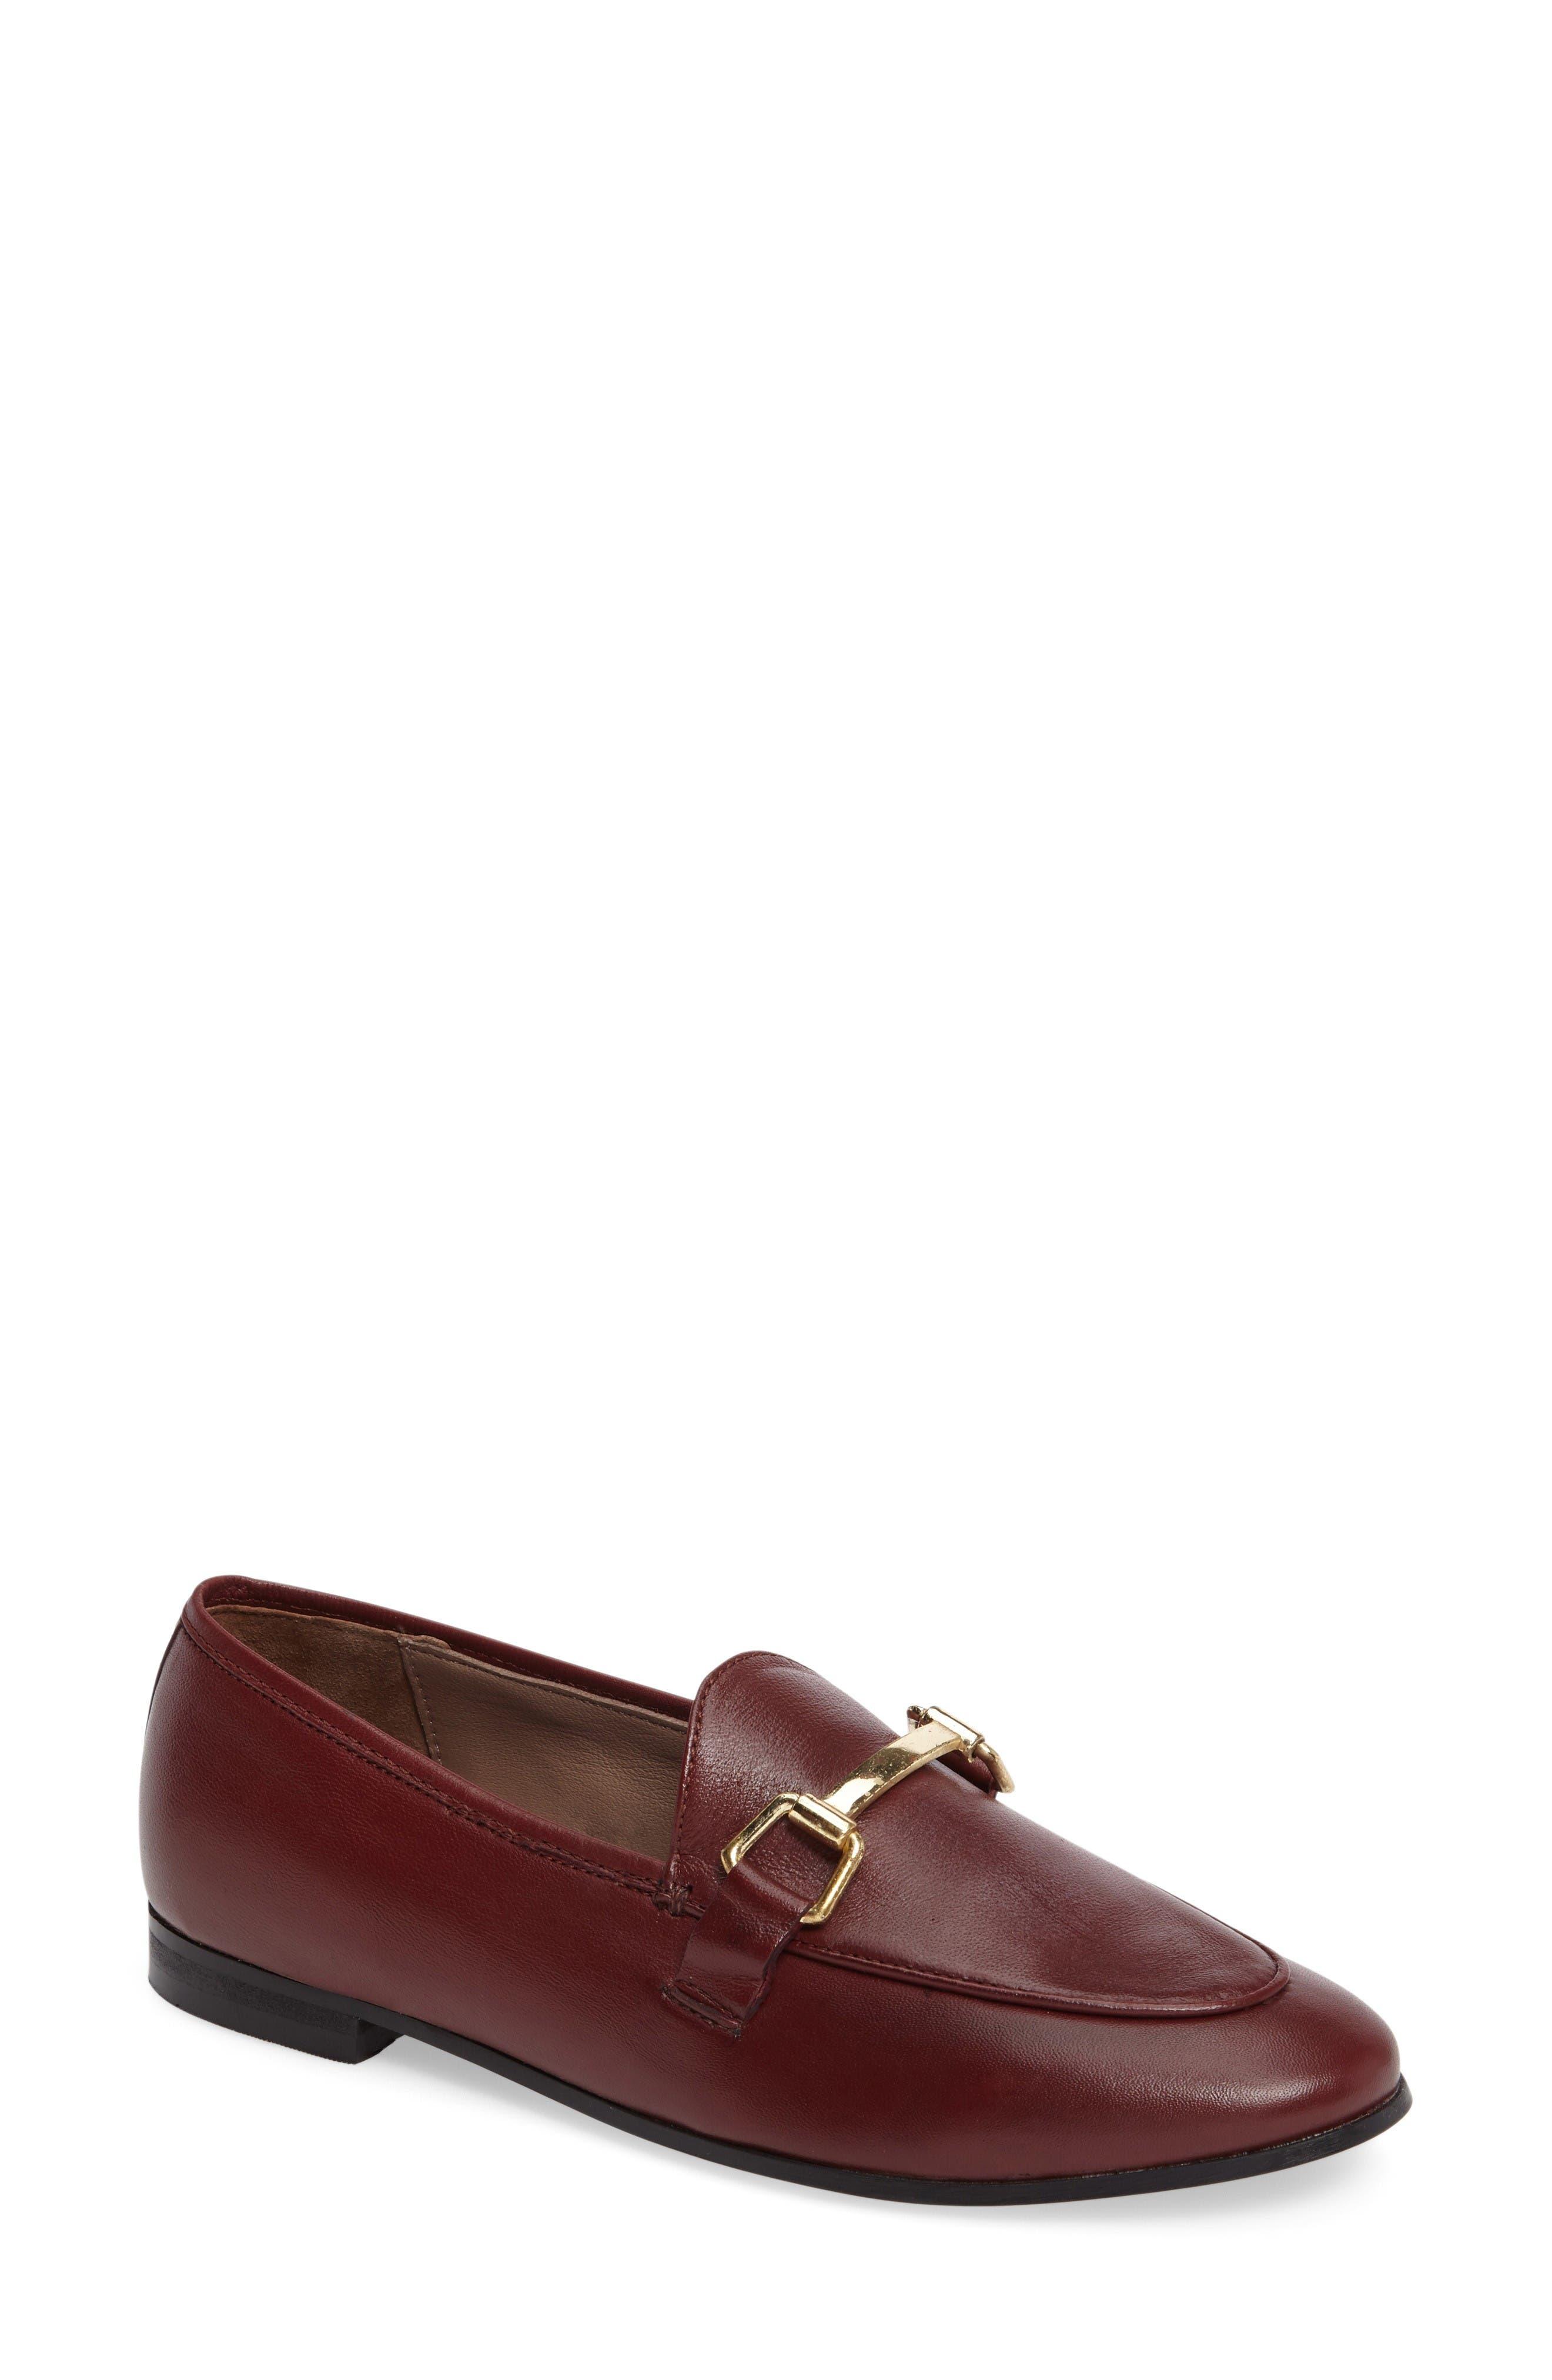 Bit Loafer,                         Main,                         color, Red